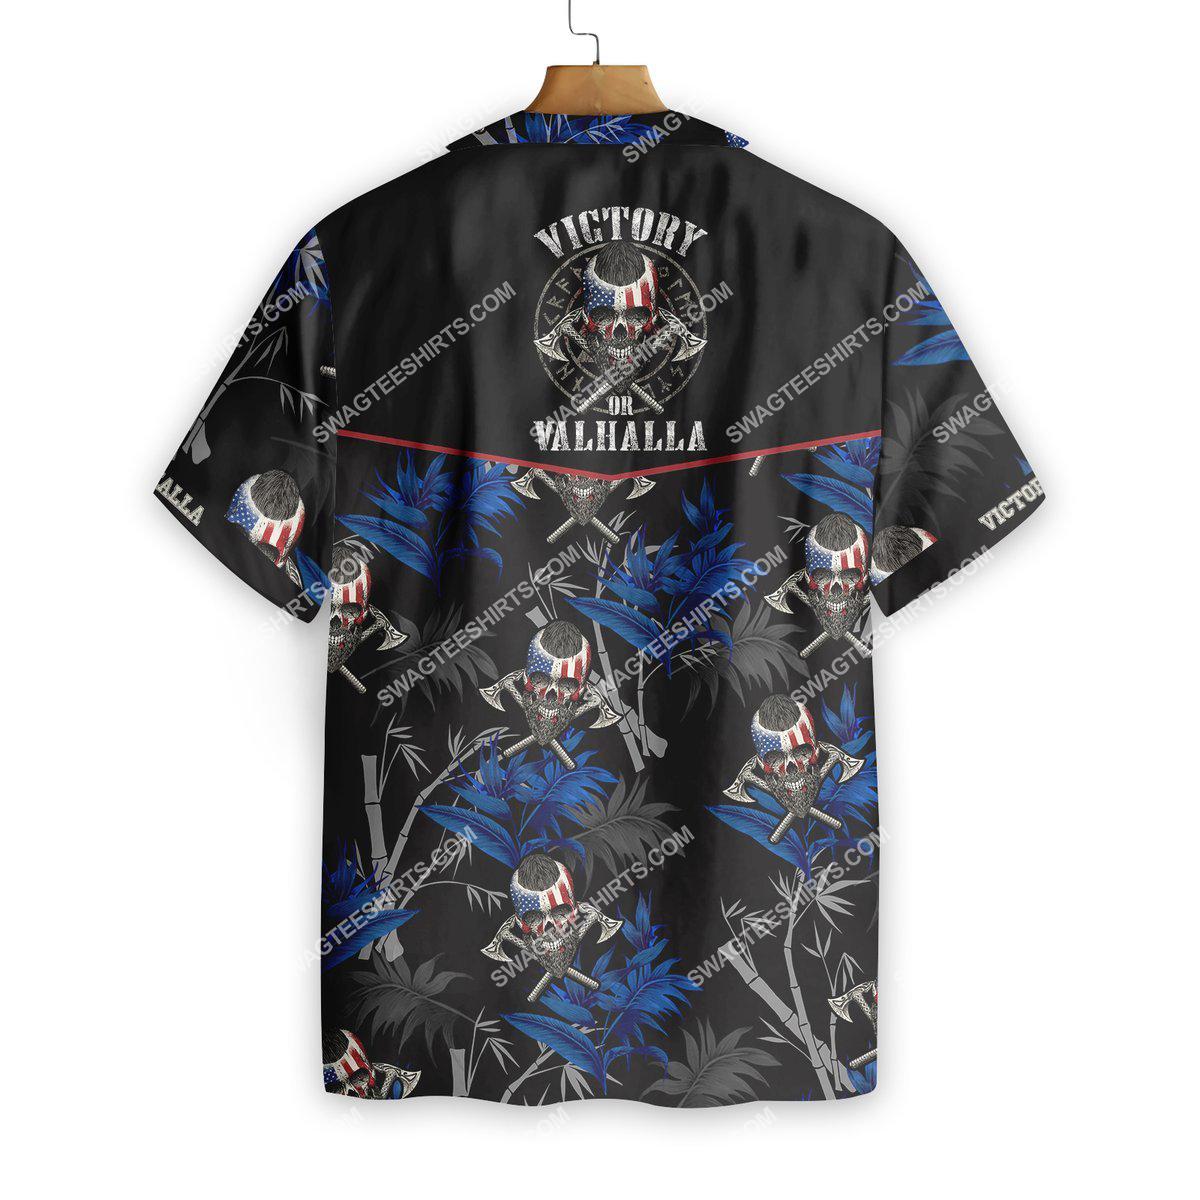 victory or valhalla viking all over printed hawaiian shirt 3(1)